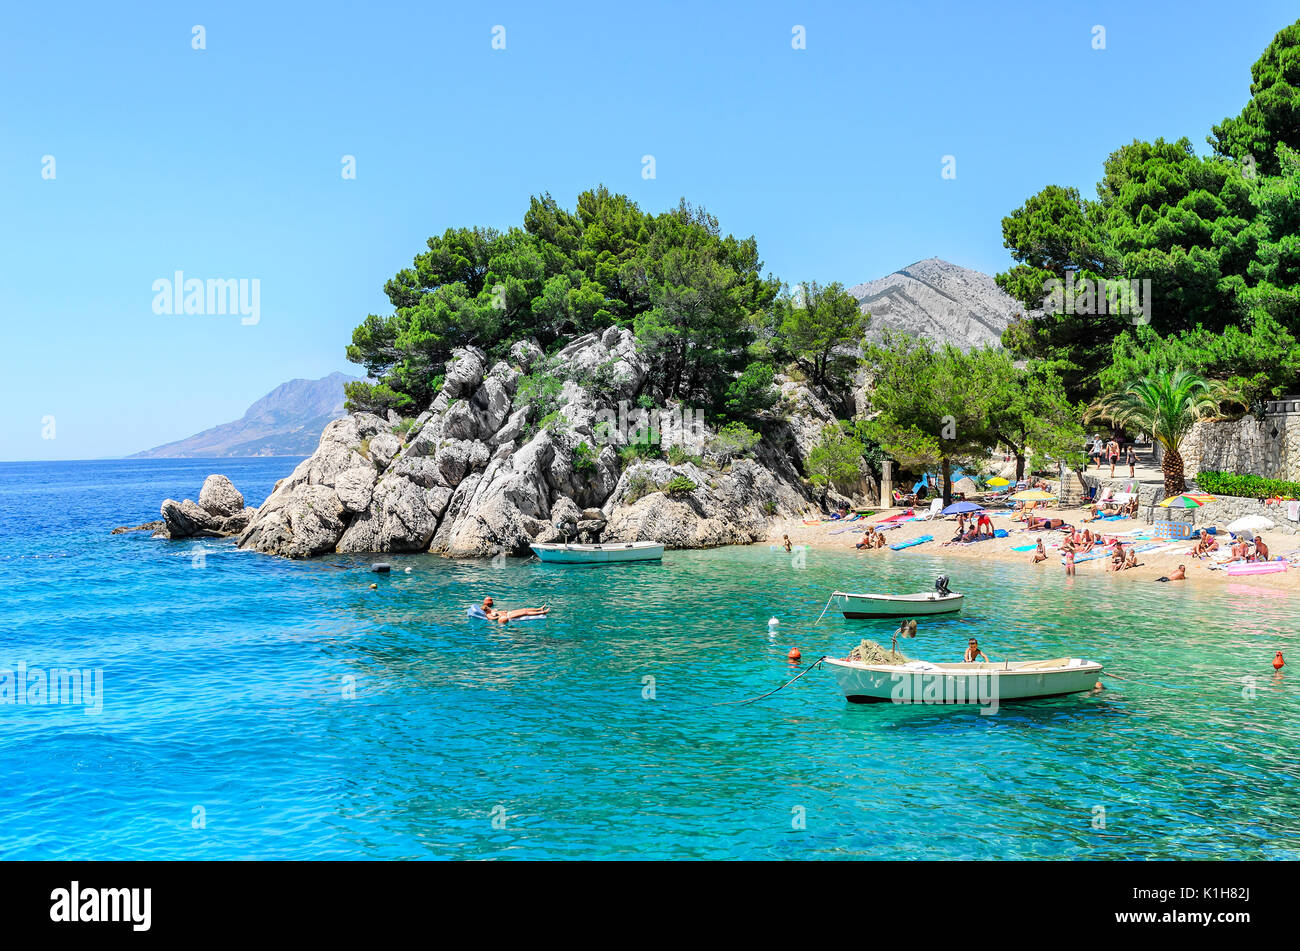 Sea coast of Brela, Croatia. - Stock Image